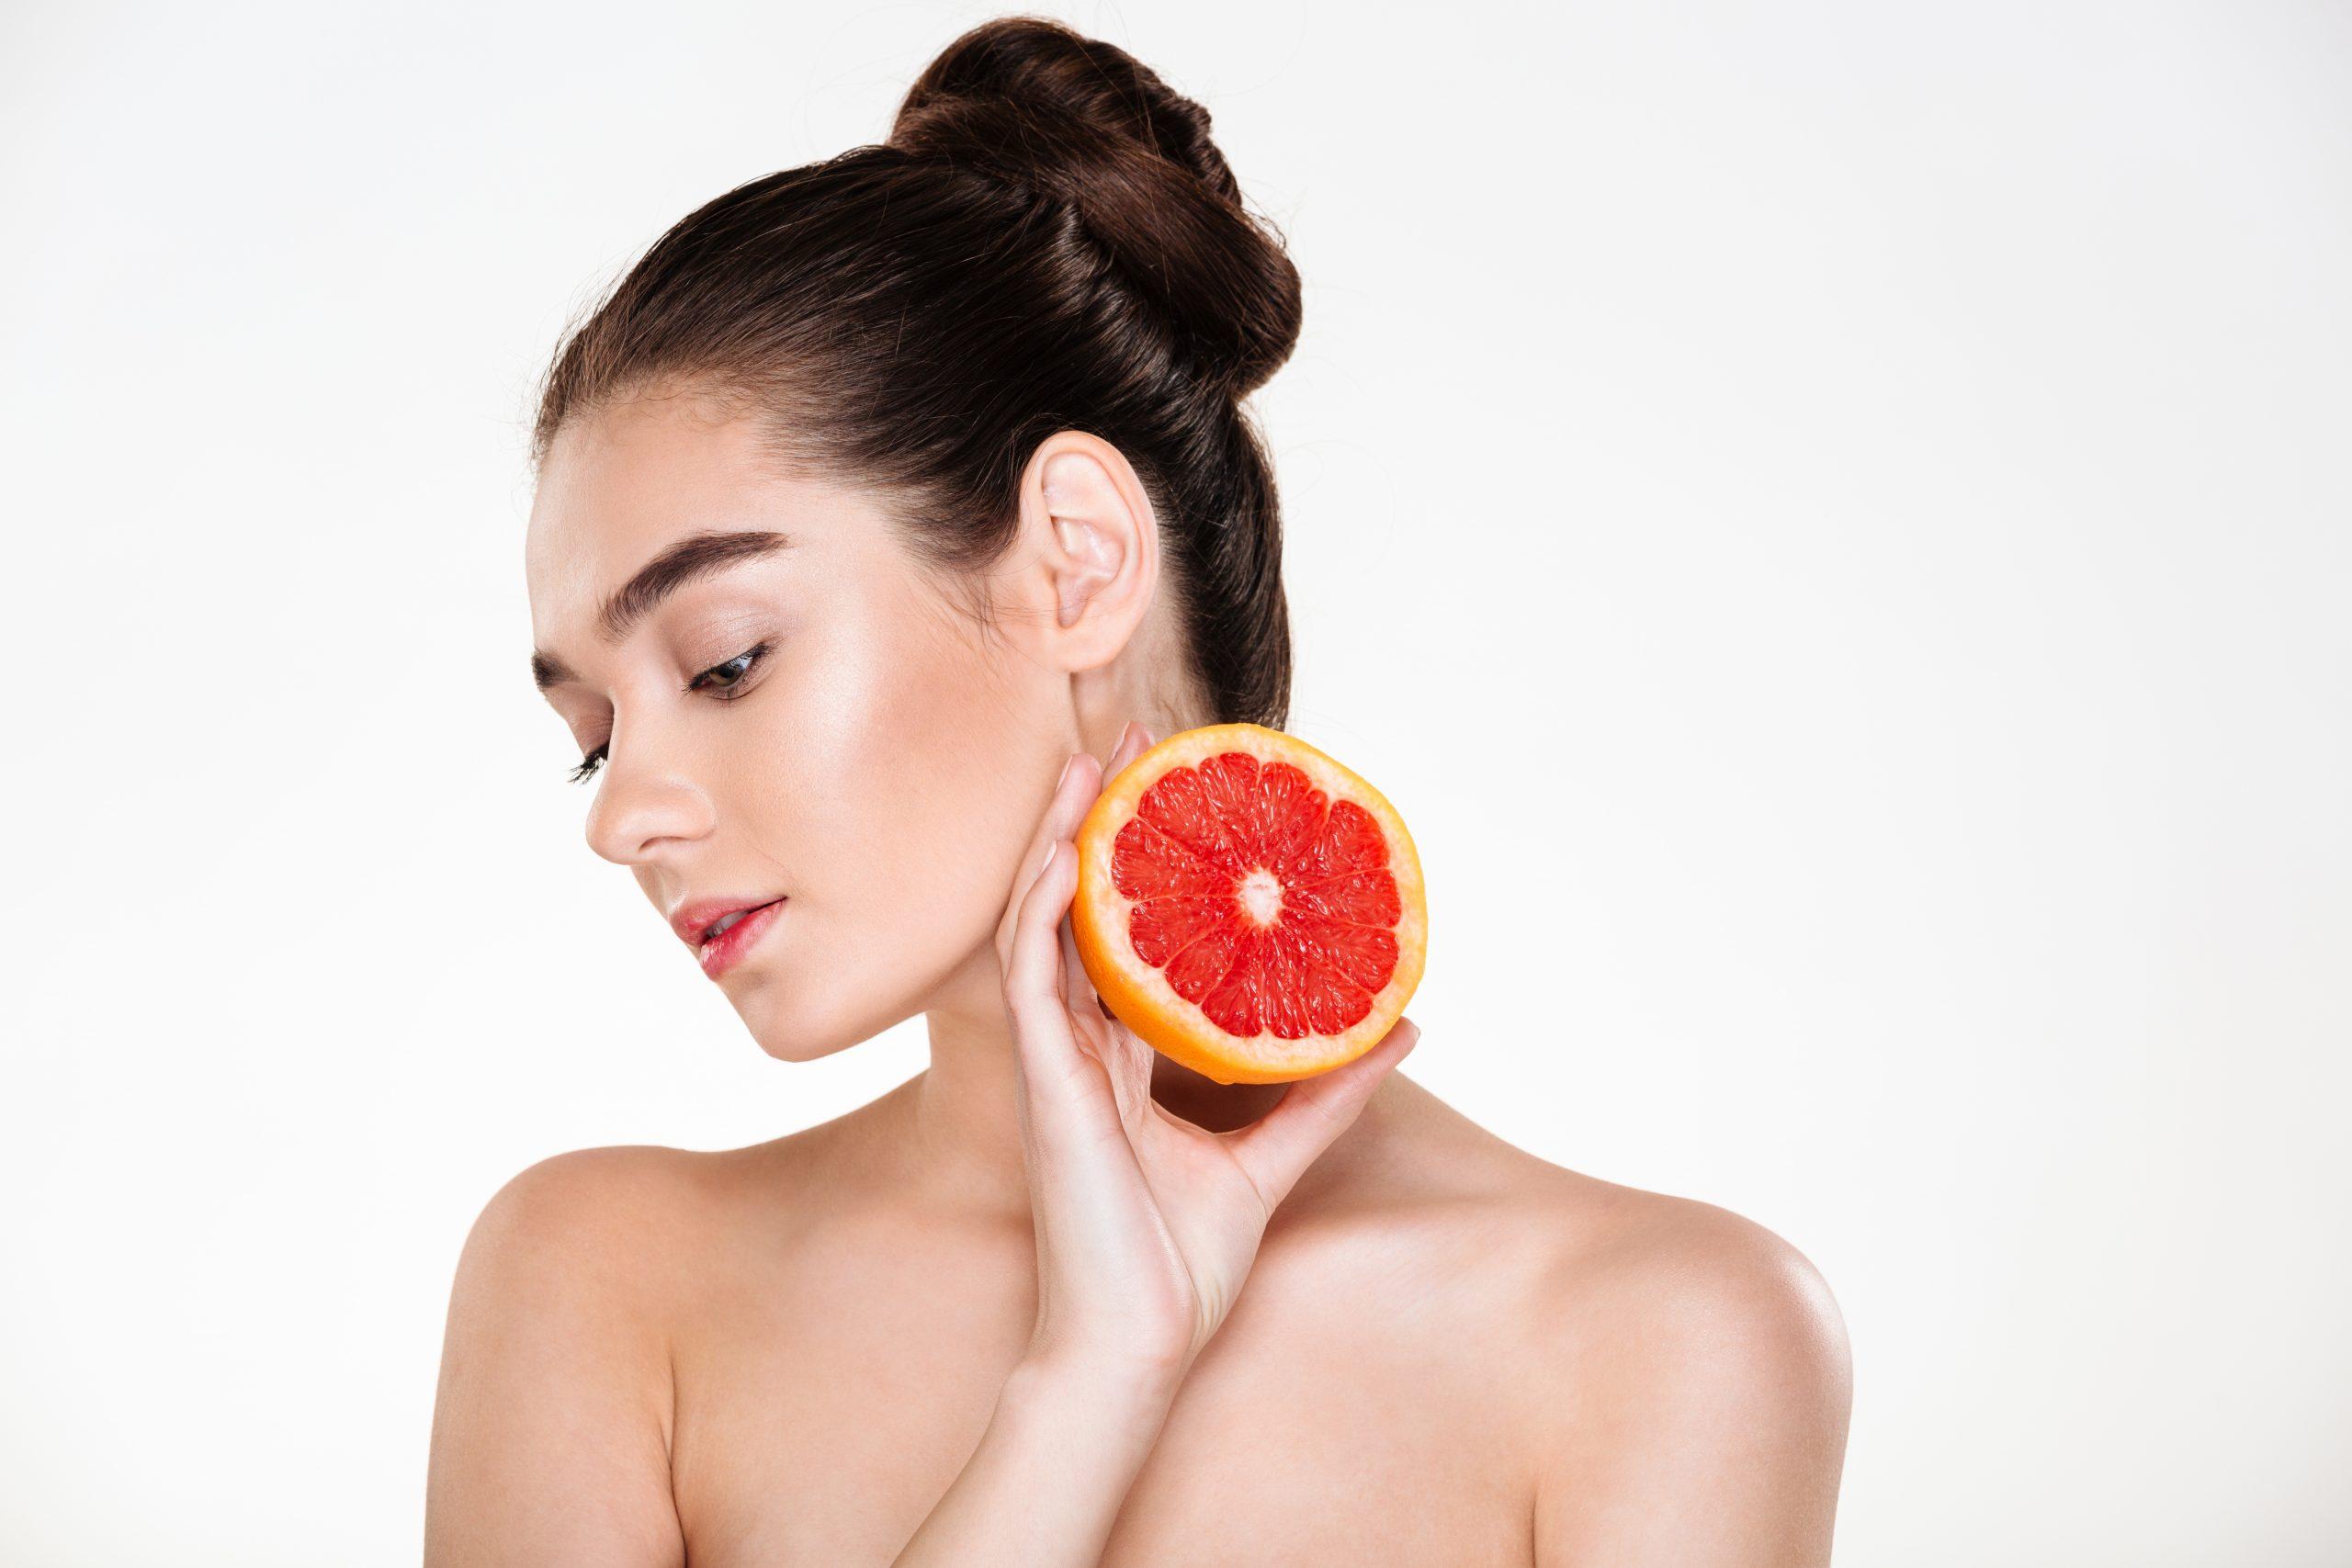 dietetyka masaż grejpfrutowy detox tomaszów maz